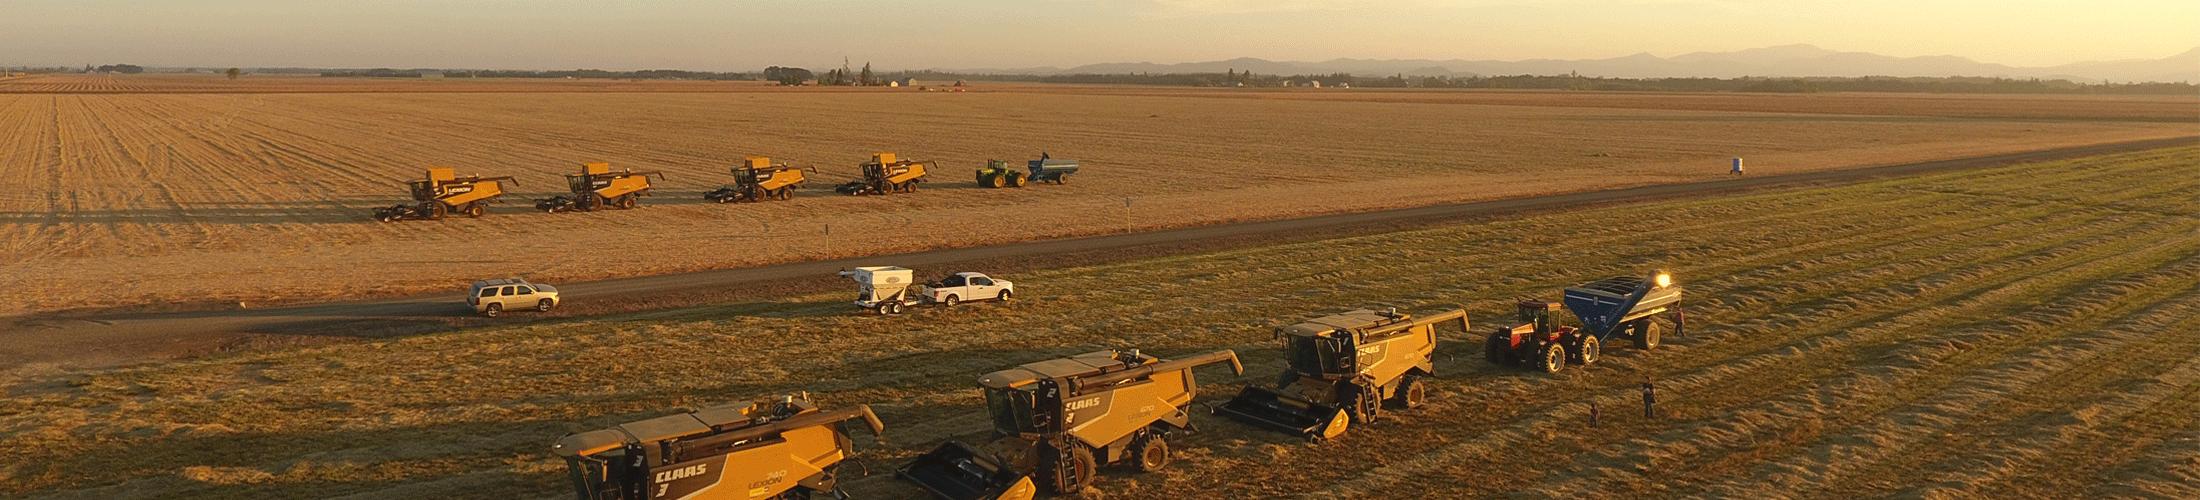 turfgrass producers farm